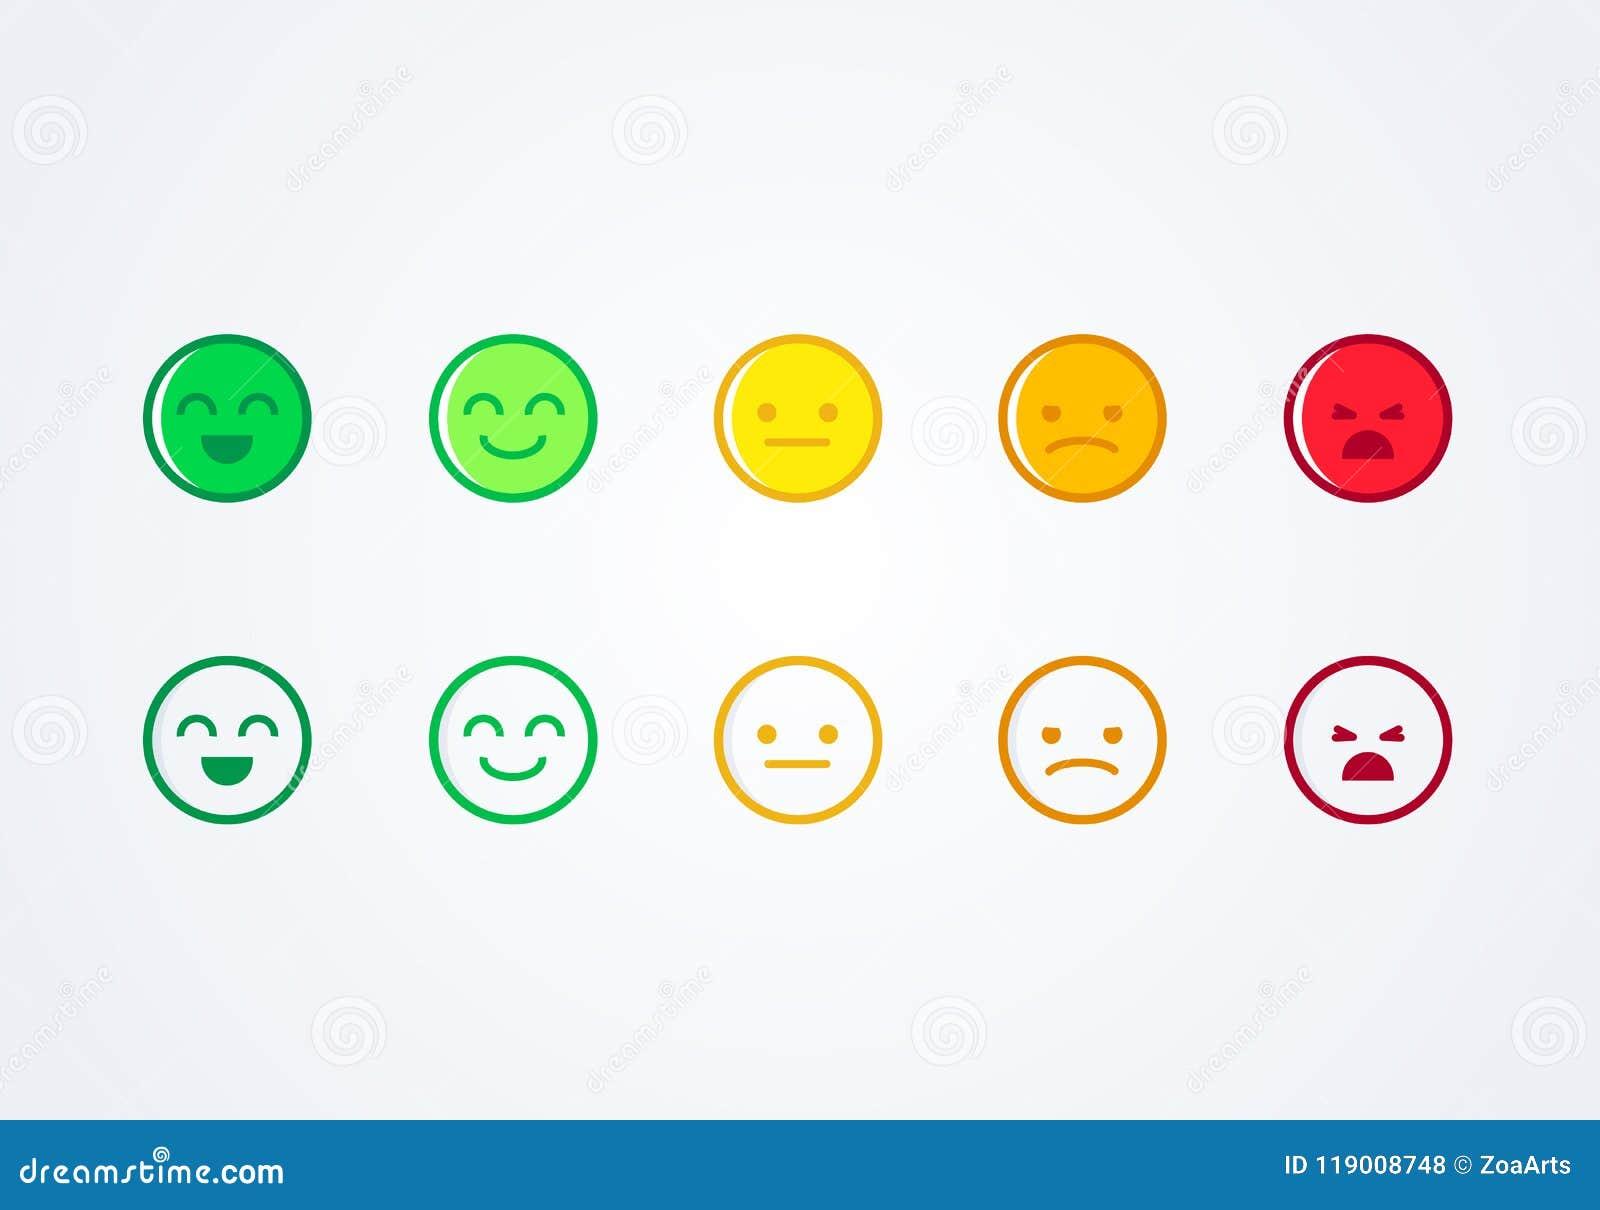 Η διανυσματική εμπειρία χρηστών απεικόνισης ανατροφοδοτεί το διαφορετικό εικονίδιο emoji smiley διάθεσης έννοιας emoticons θετικό